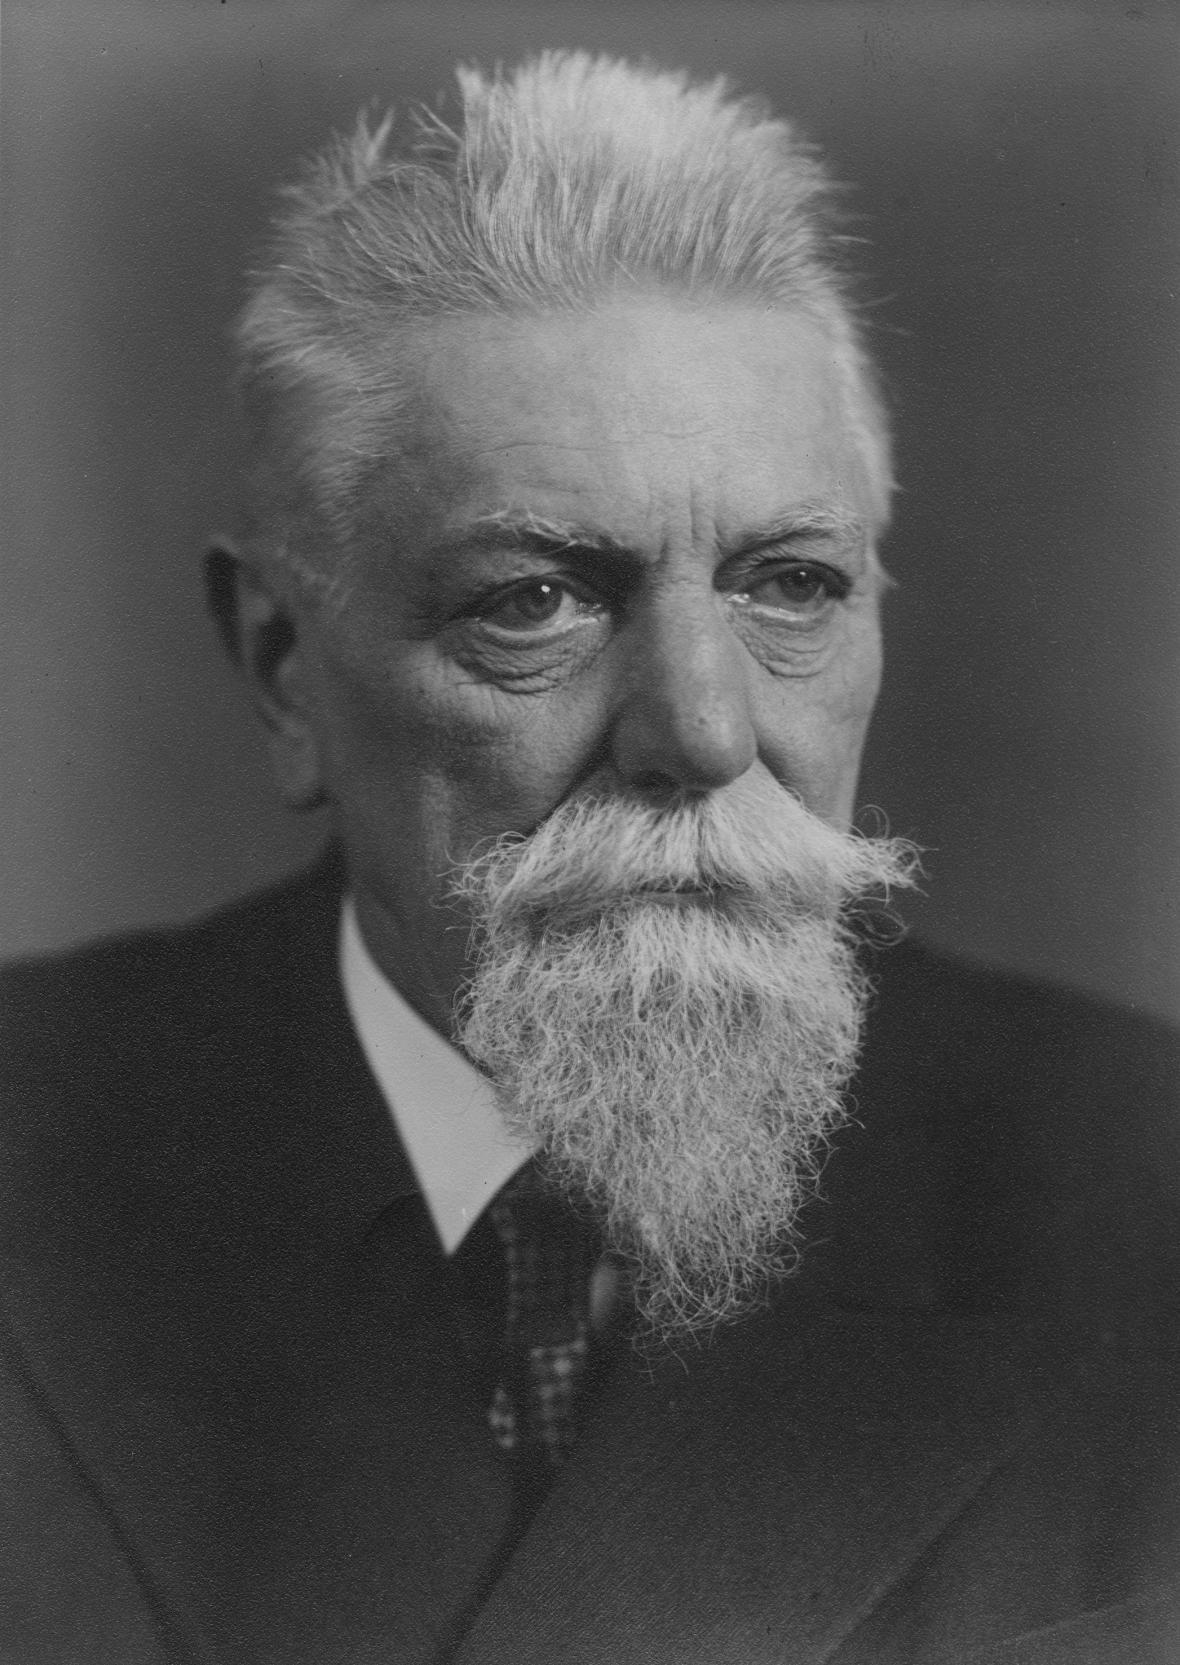 Portrét zakladatele české egyptologie Františka Lexy